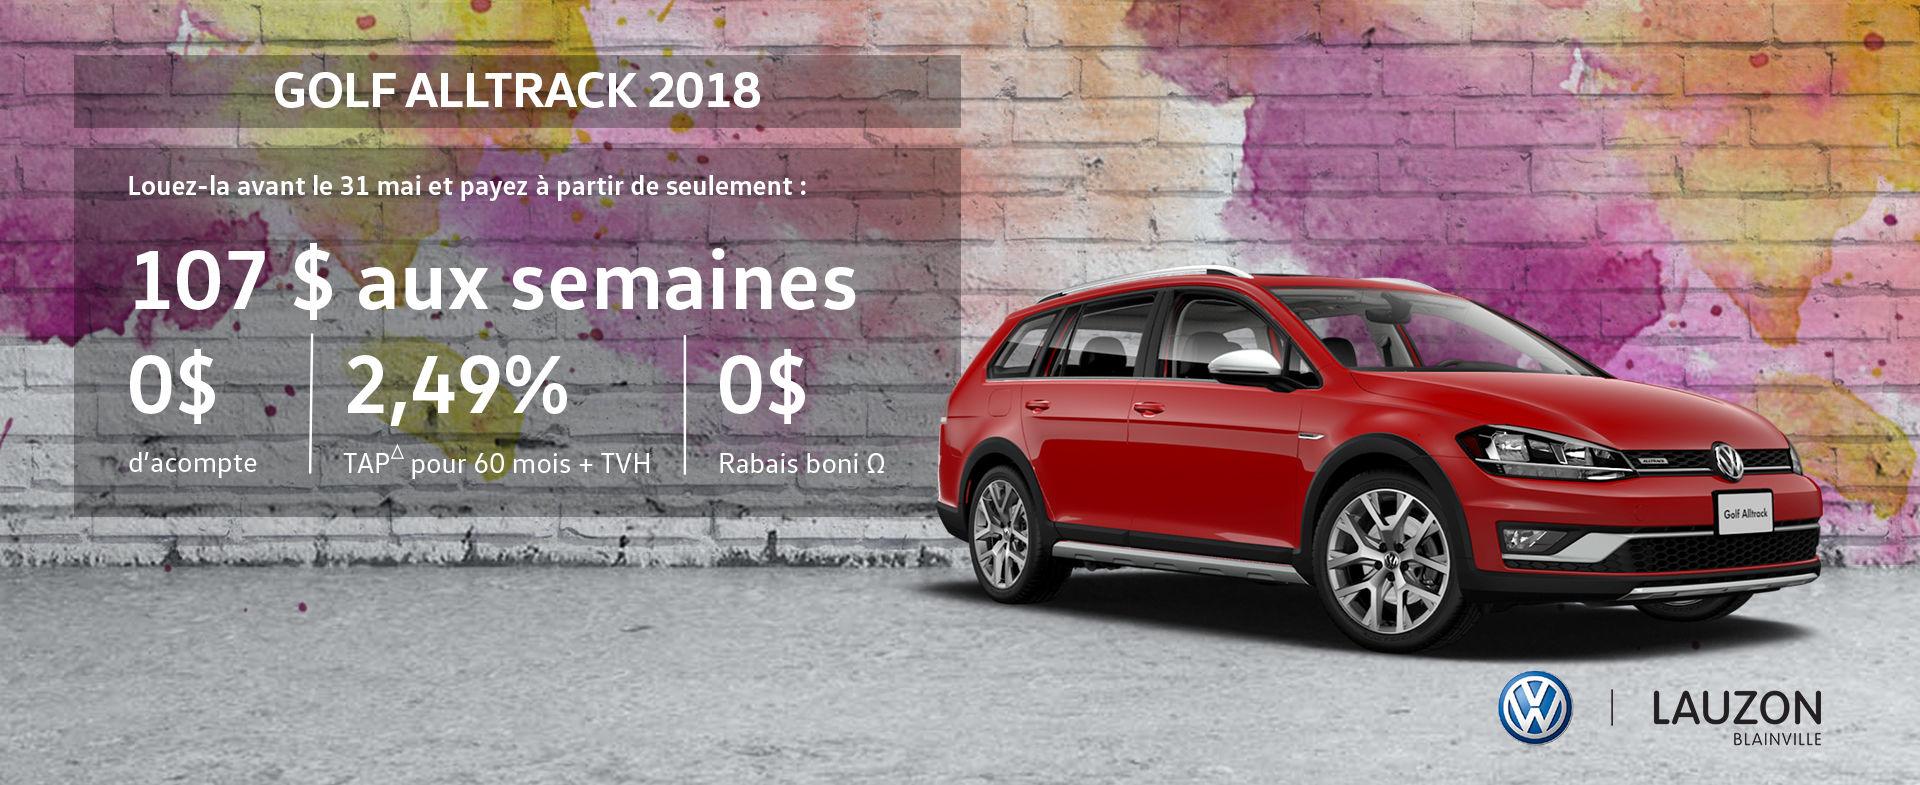 Promotion mai 2018 Volkswagen Golf Alltrack VW Lauzon Blainville